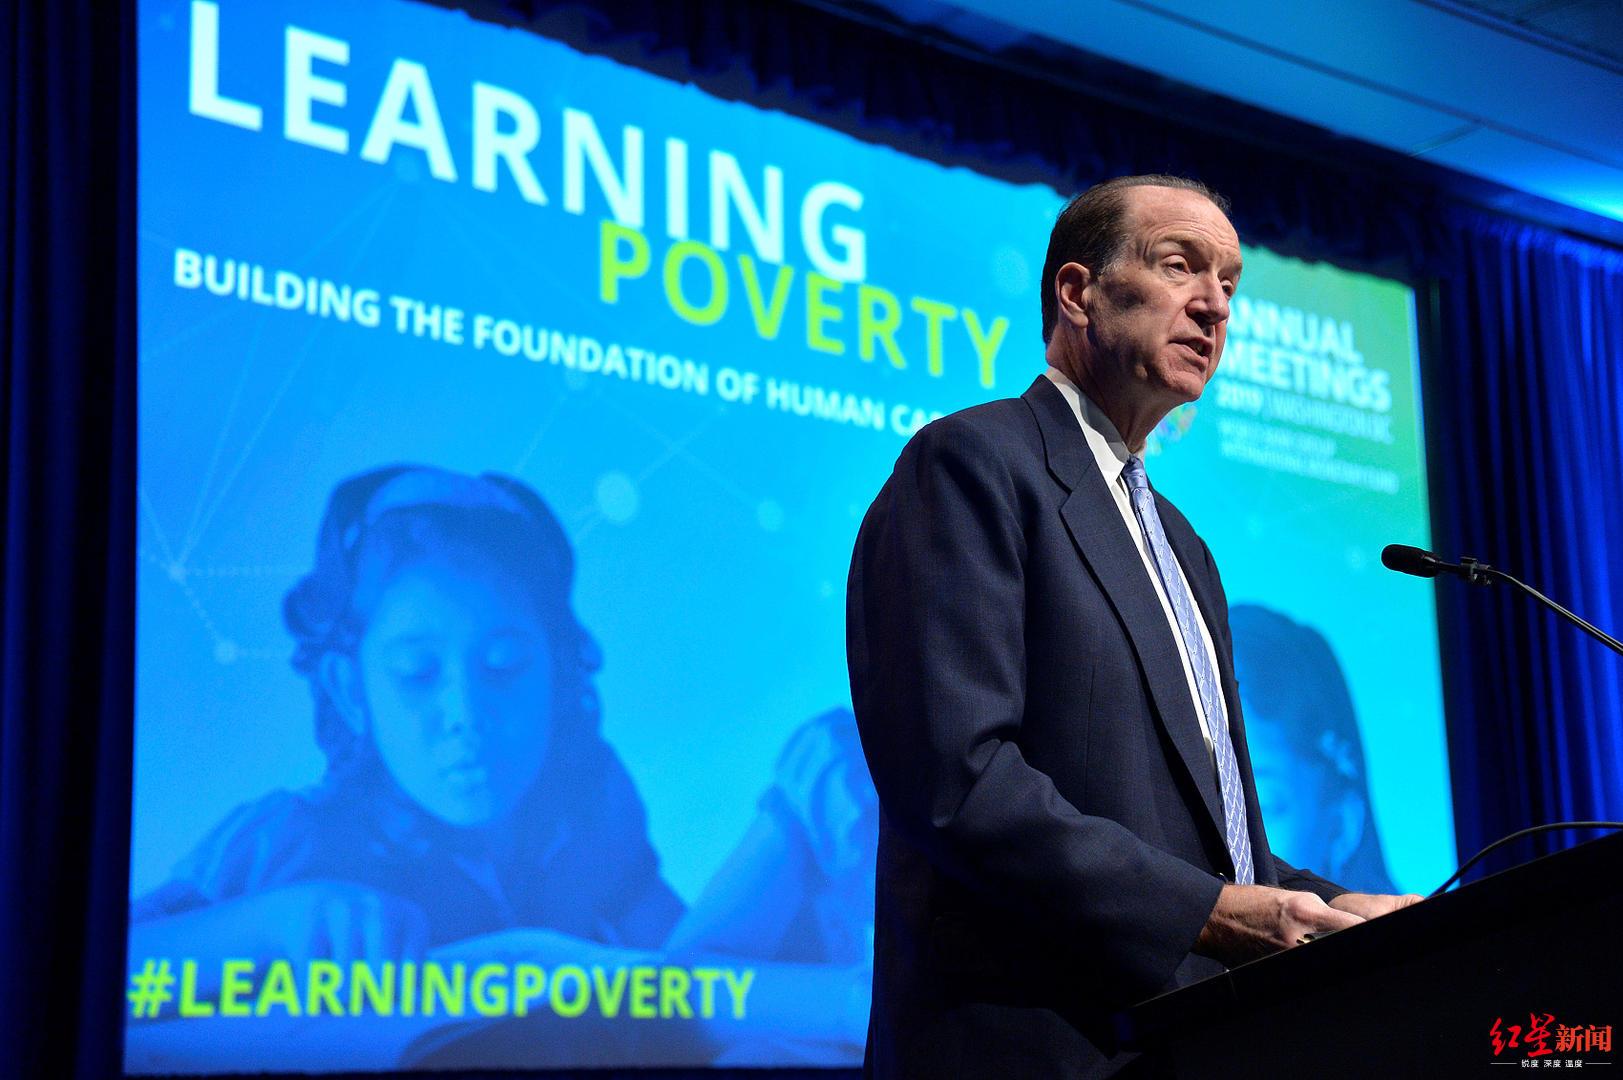 """10岁还读不懂简单故事?解决""""学习贫困"""",世行定了新目标"""